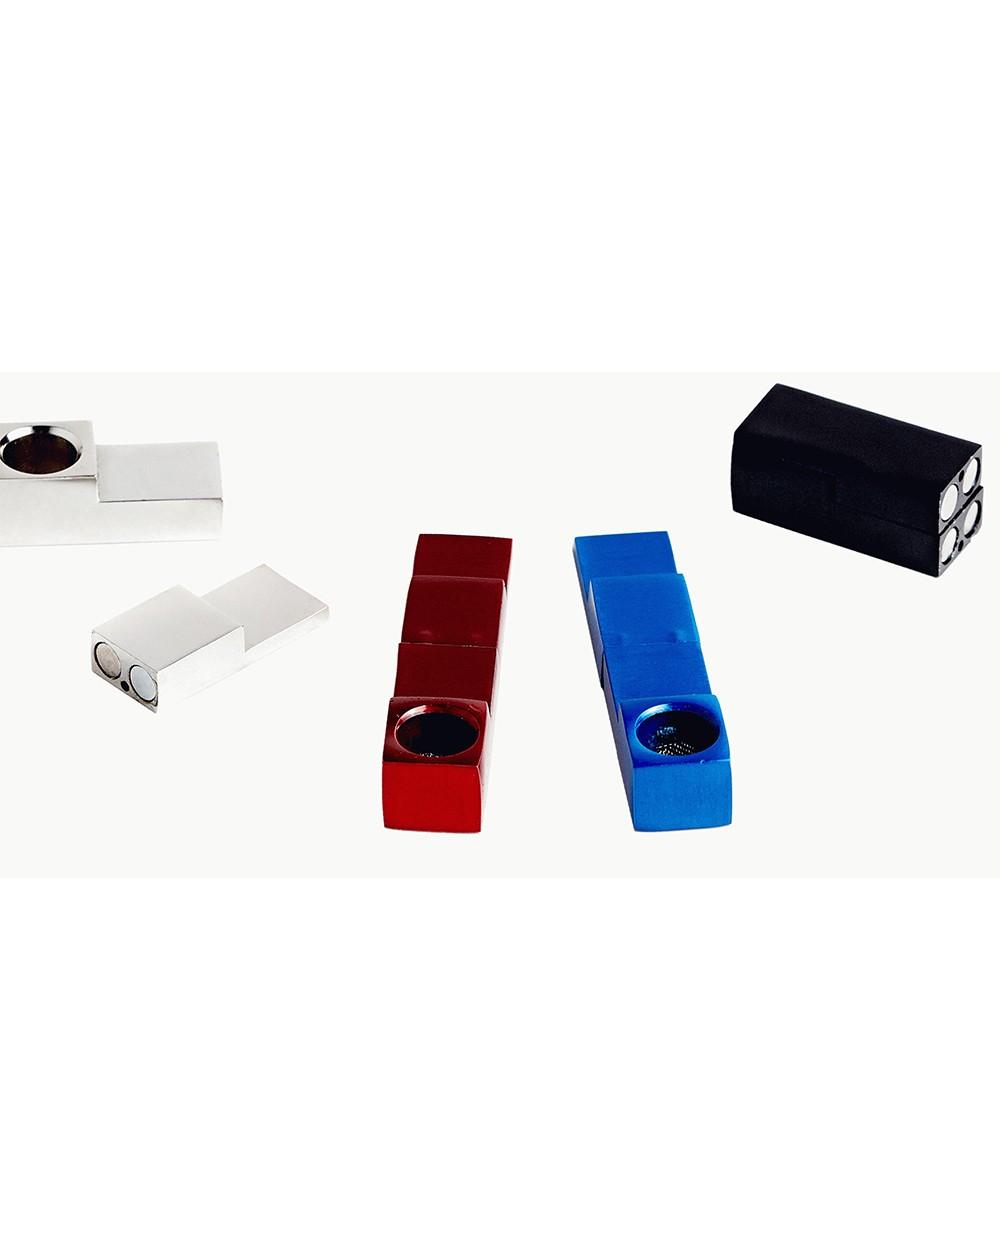 Металлическая трубка для курения на магнитах